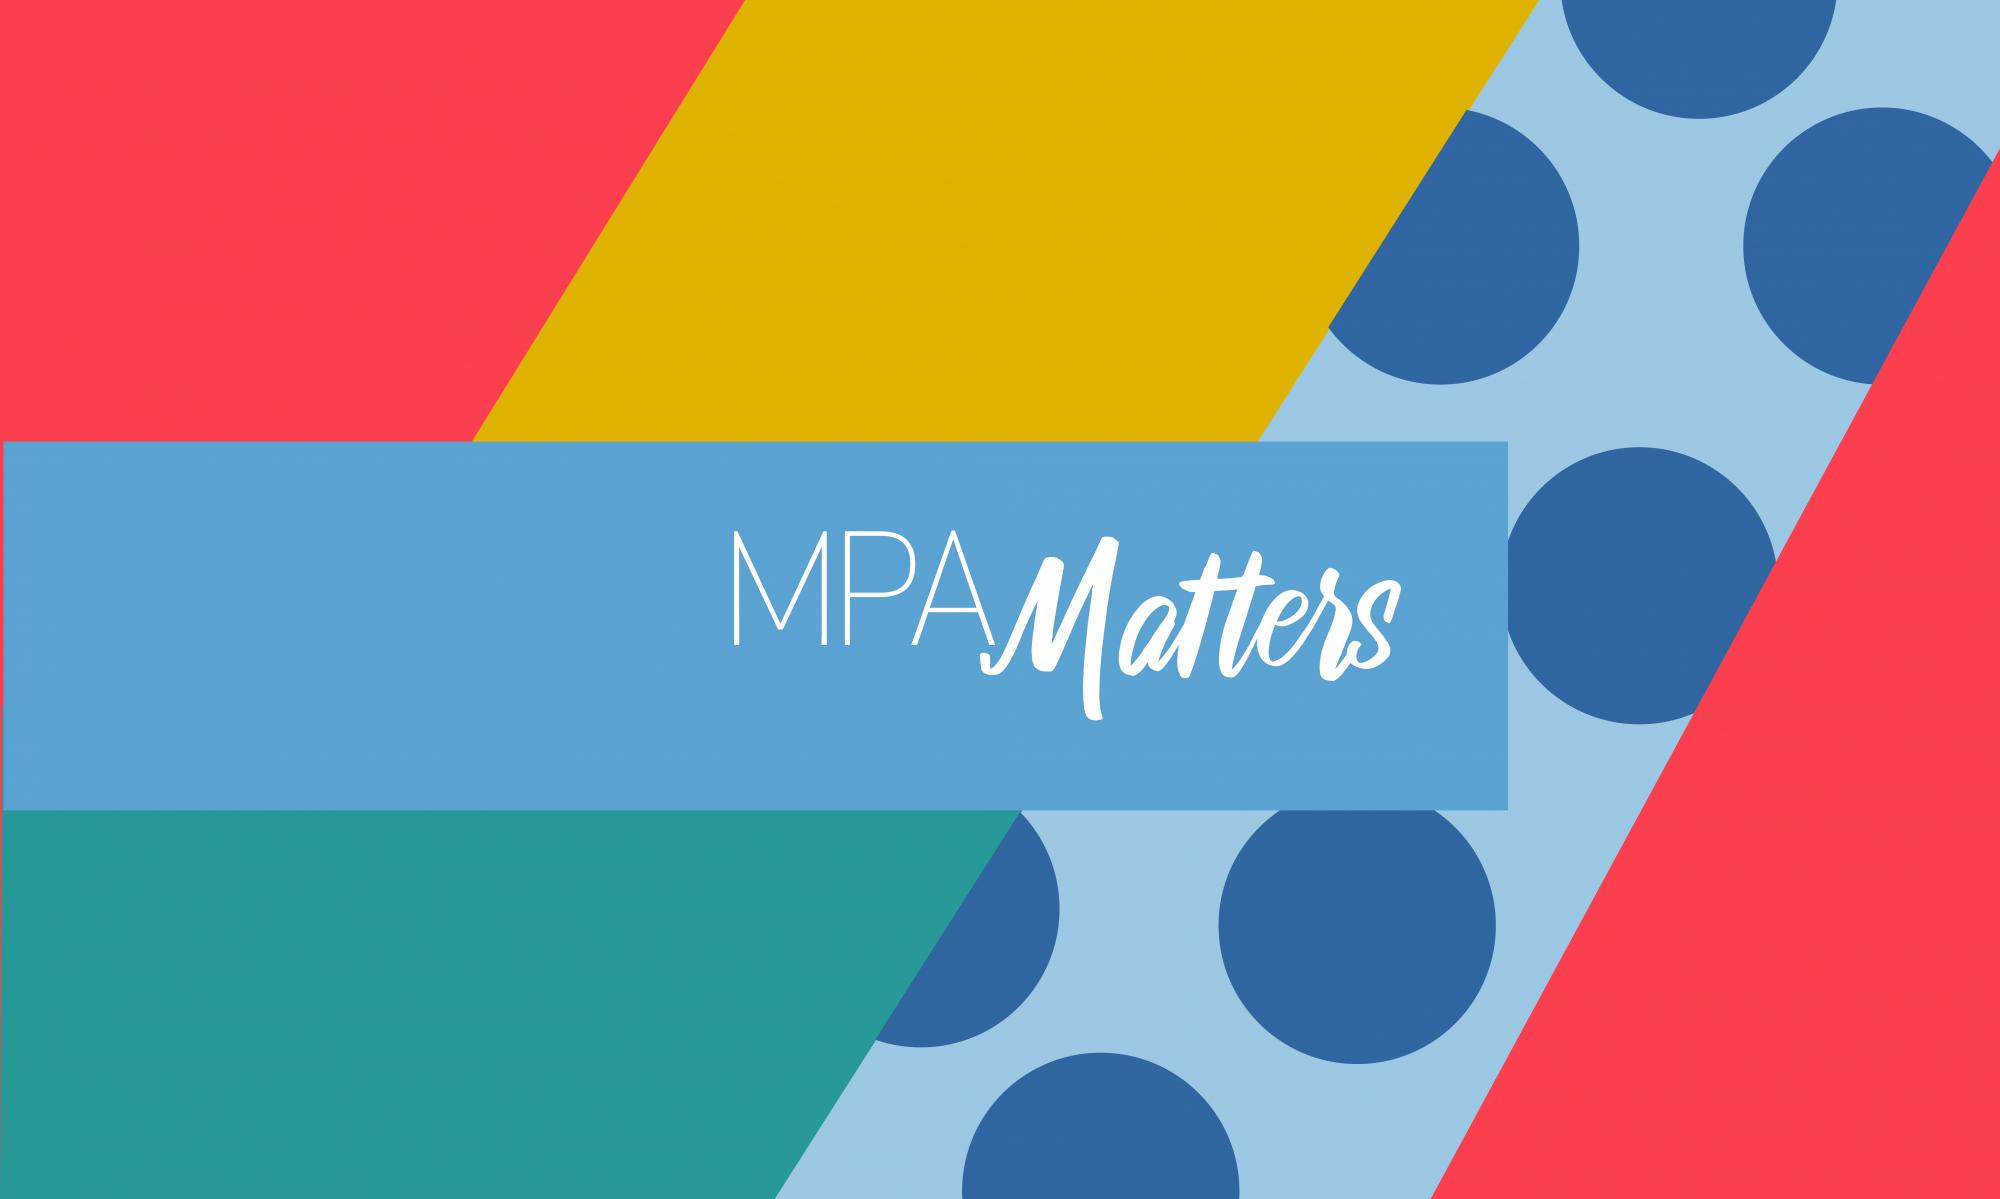 MPA Matters